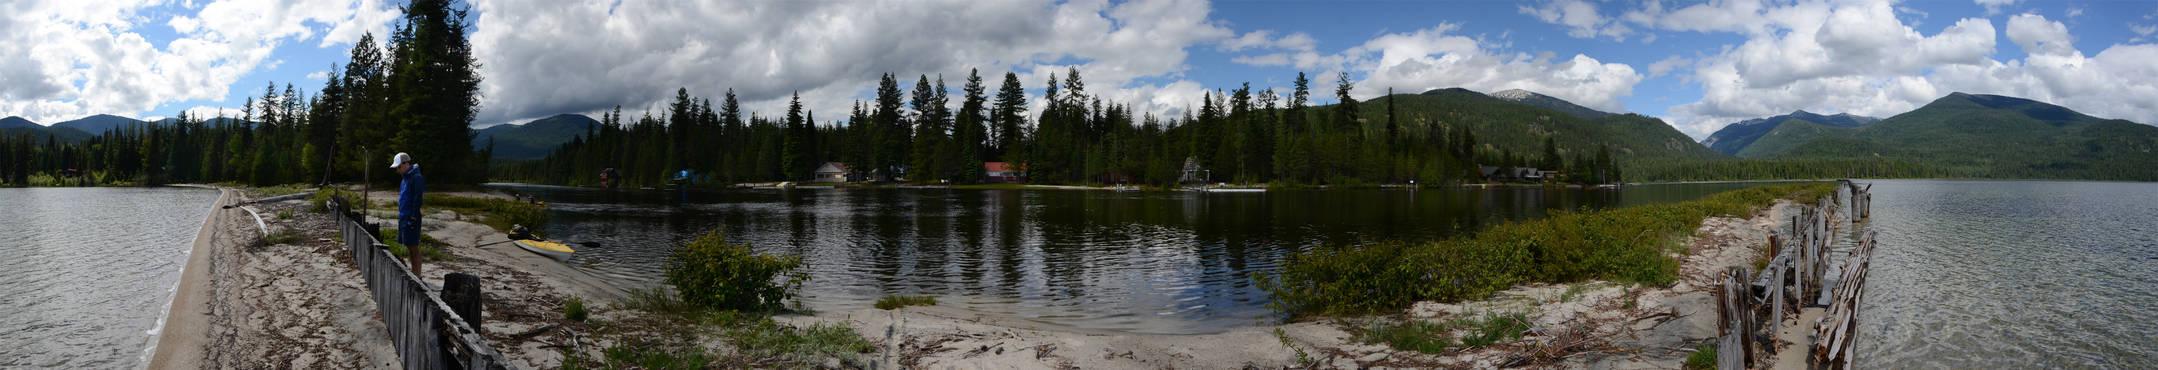 Priest Lake 2012-06-26 2